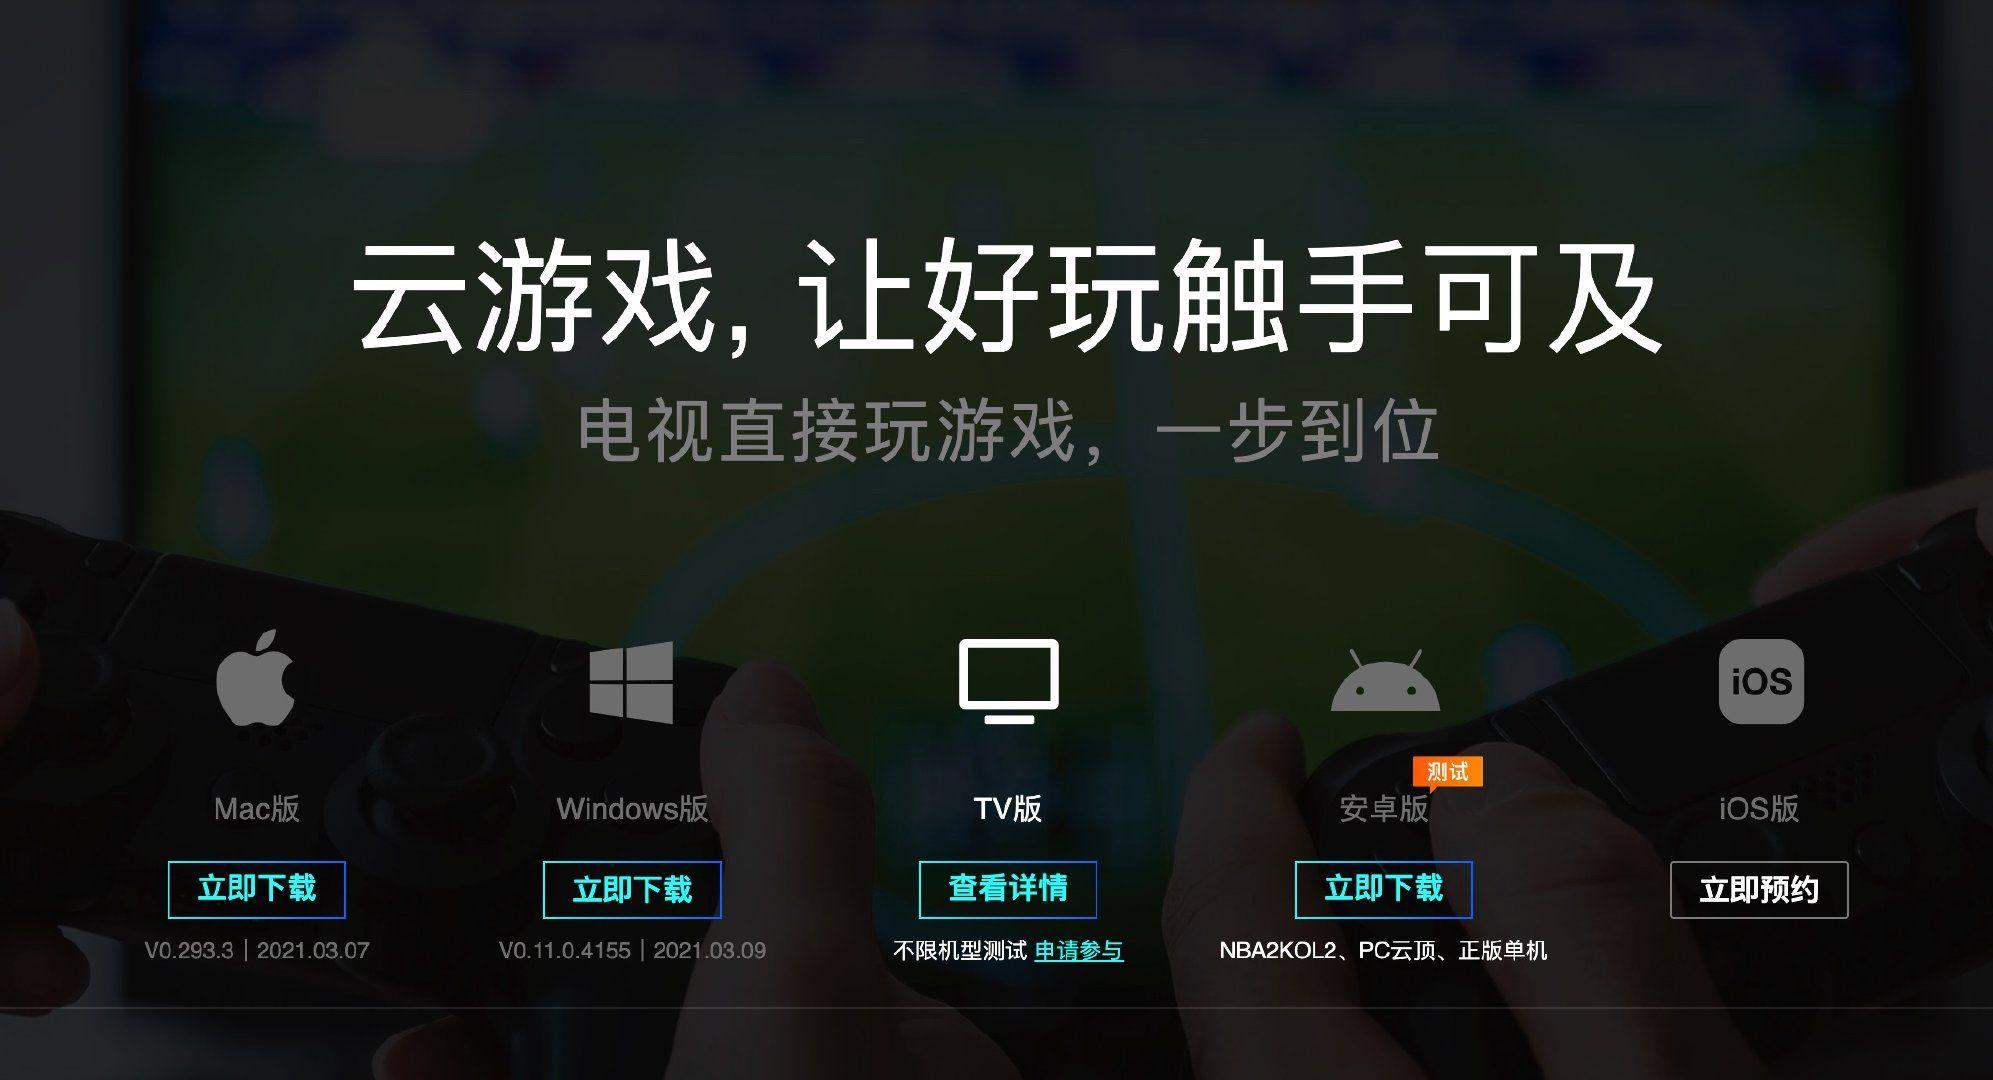 软件 | Start - 腾讯云游戏(全平台)再也不怕手机硬件不行了插图1